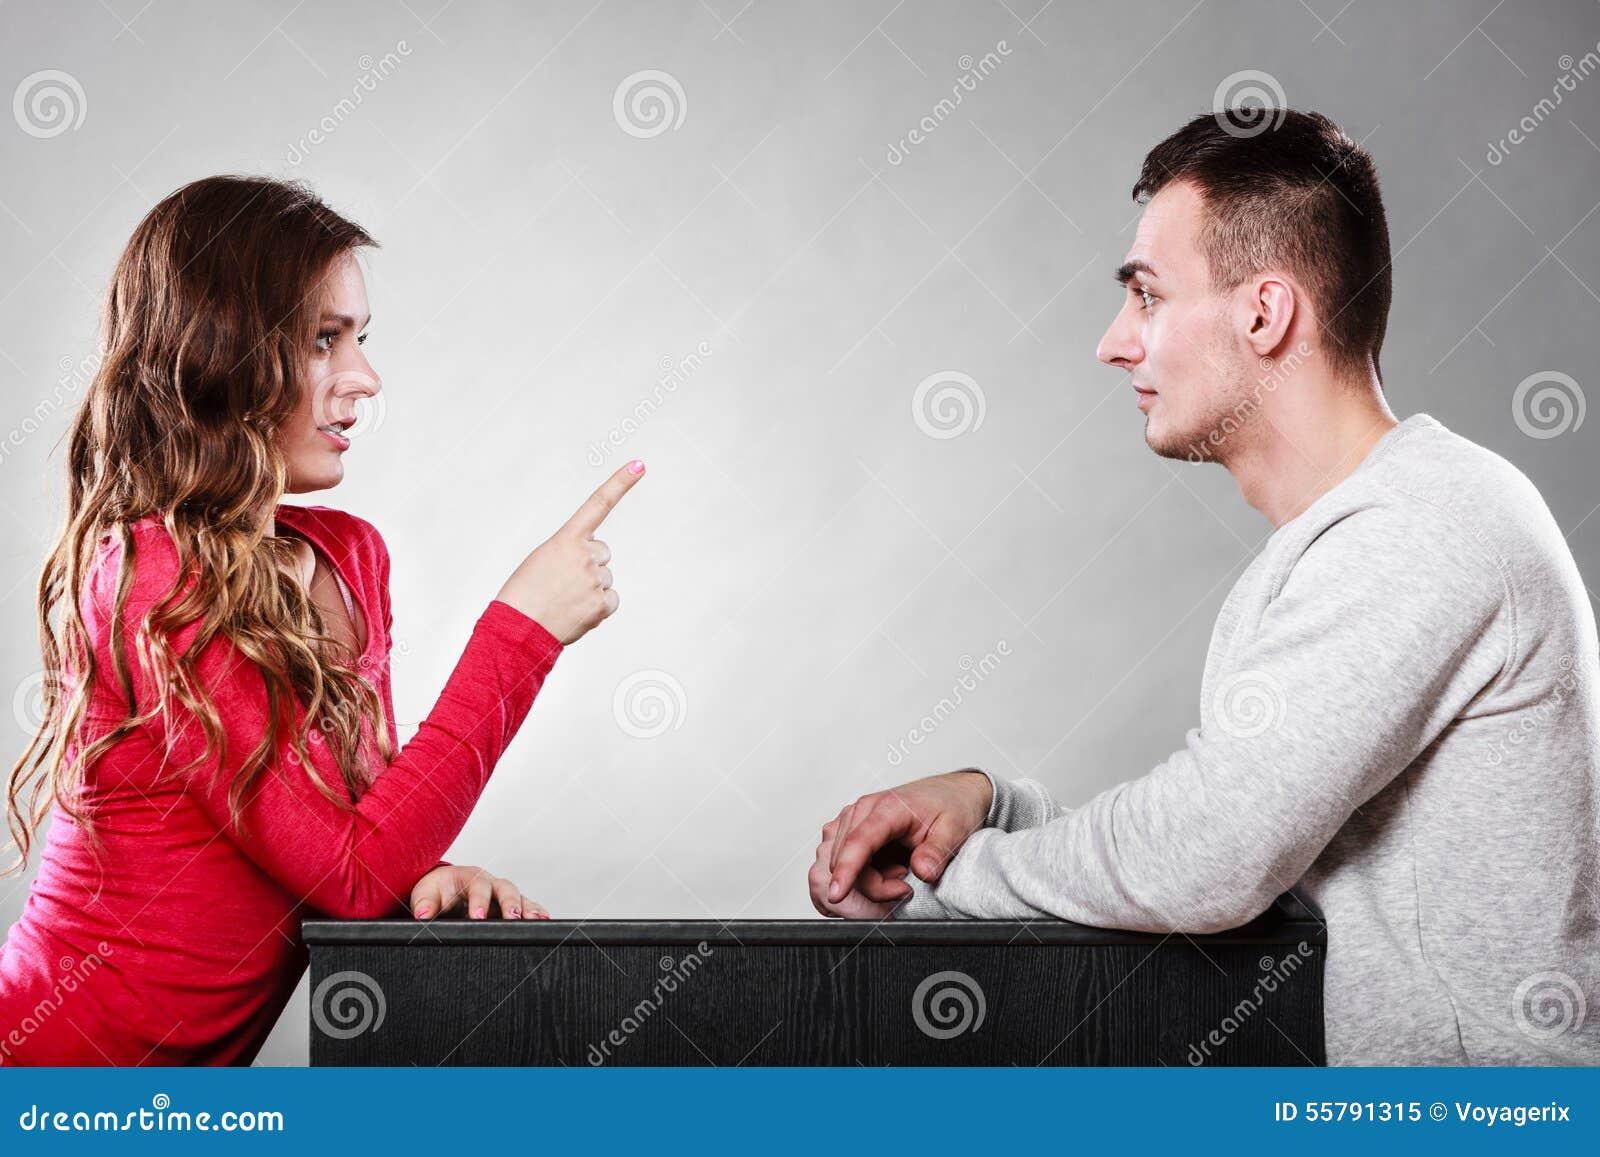 Άνδρας προειδοποίησης γυναικών Κορίτσι που απειλεί με το δάχτυλο